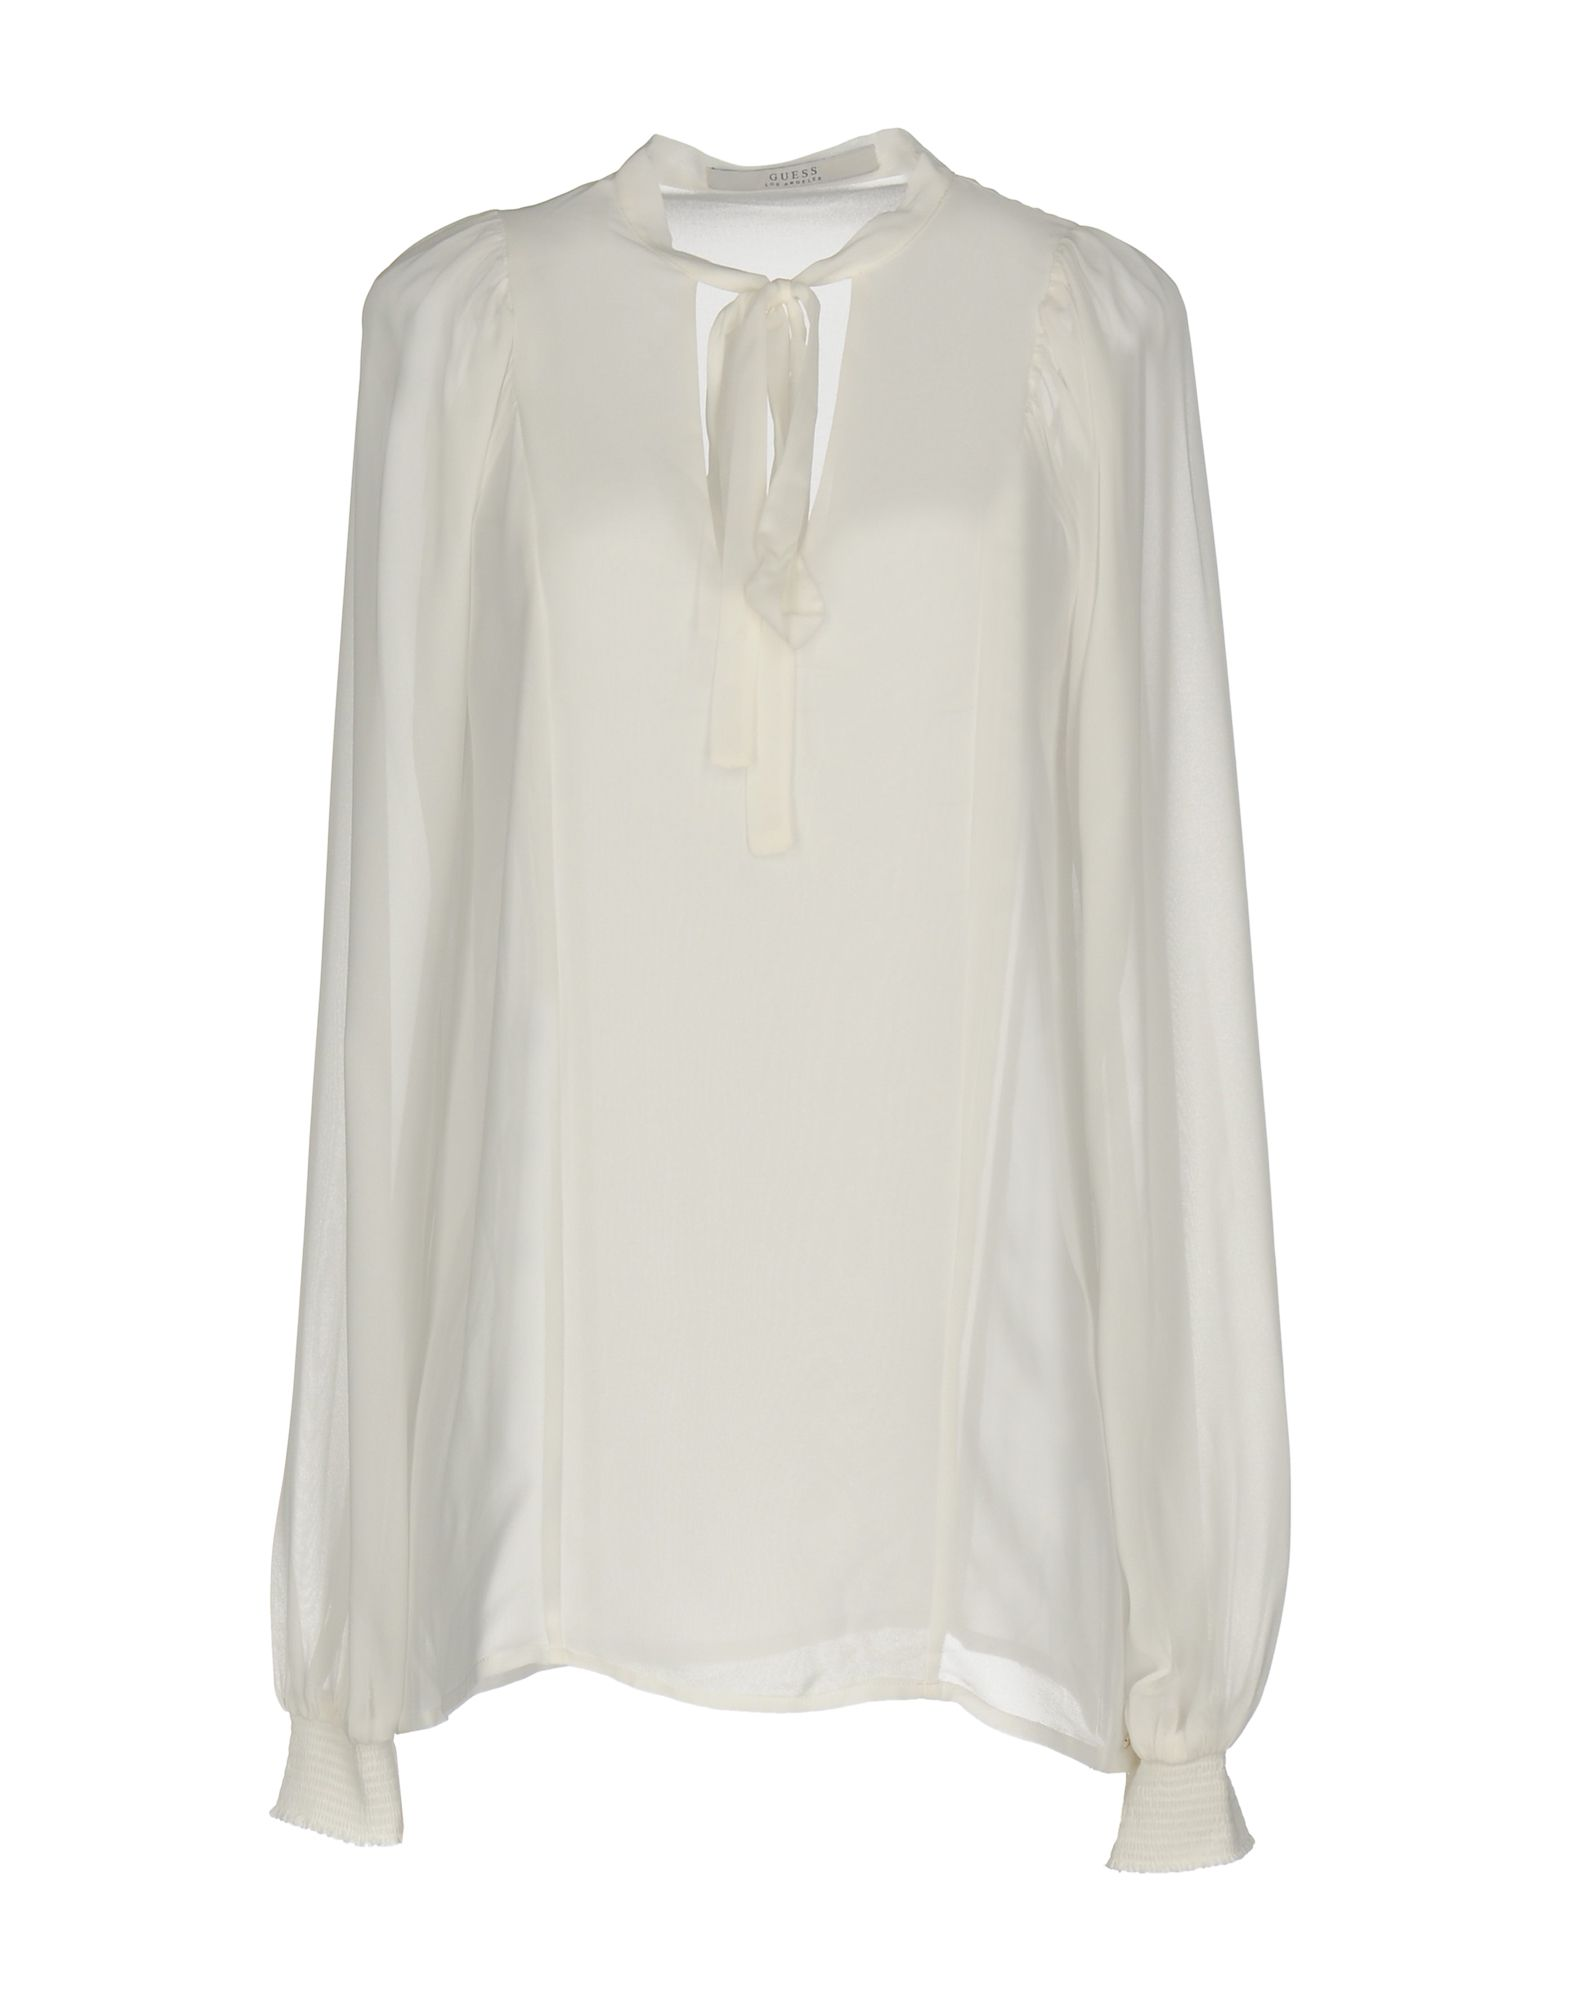 где купить GUESS Блузка по лучшей цене